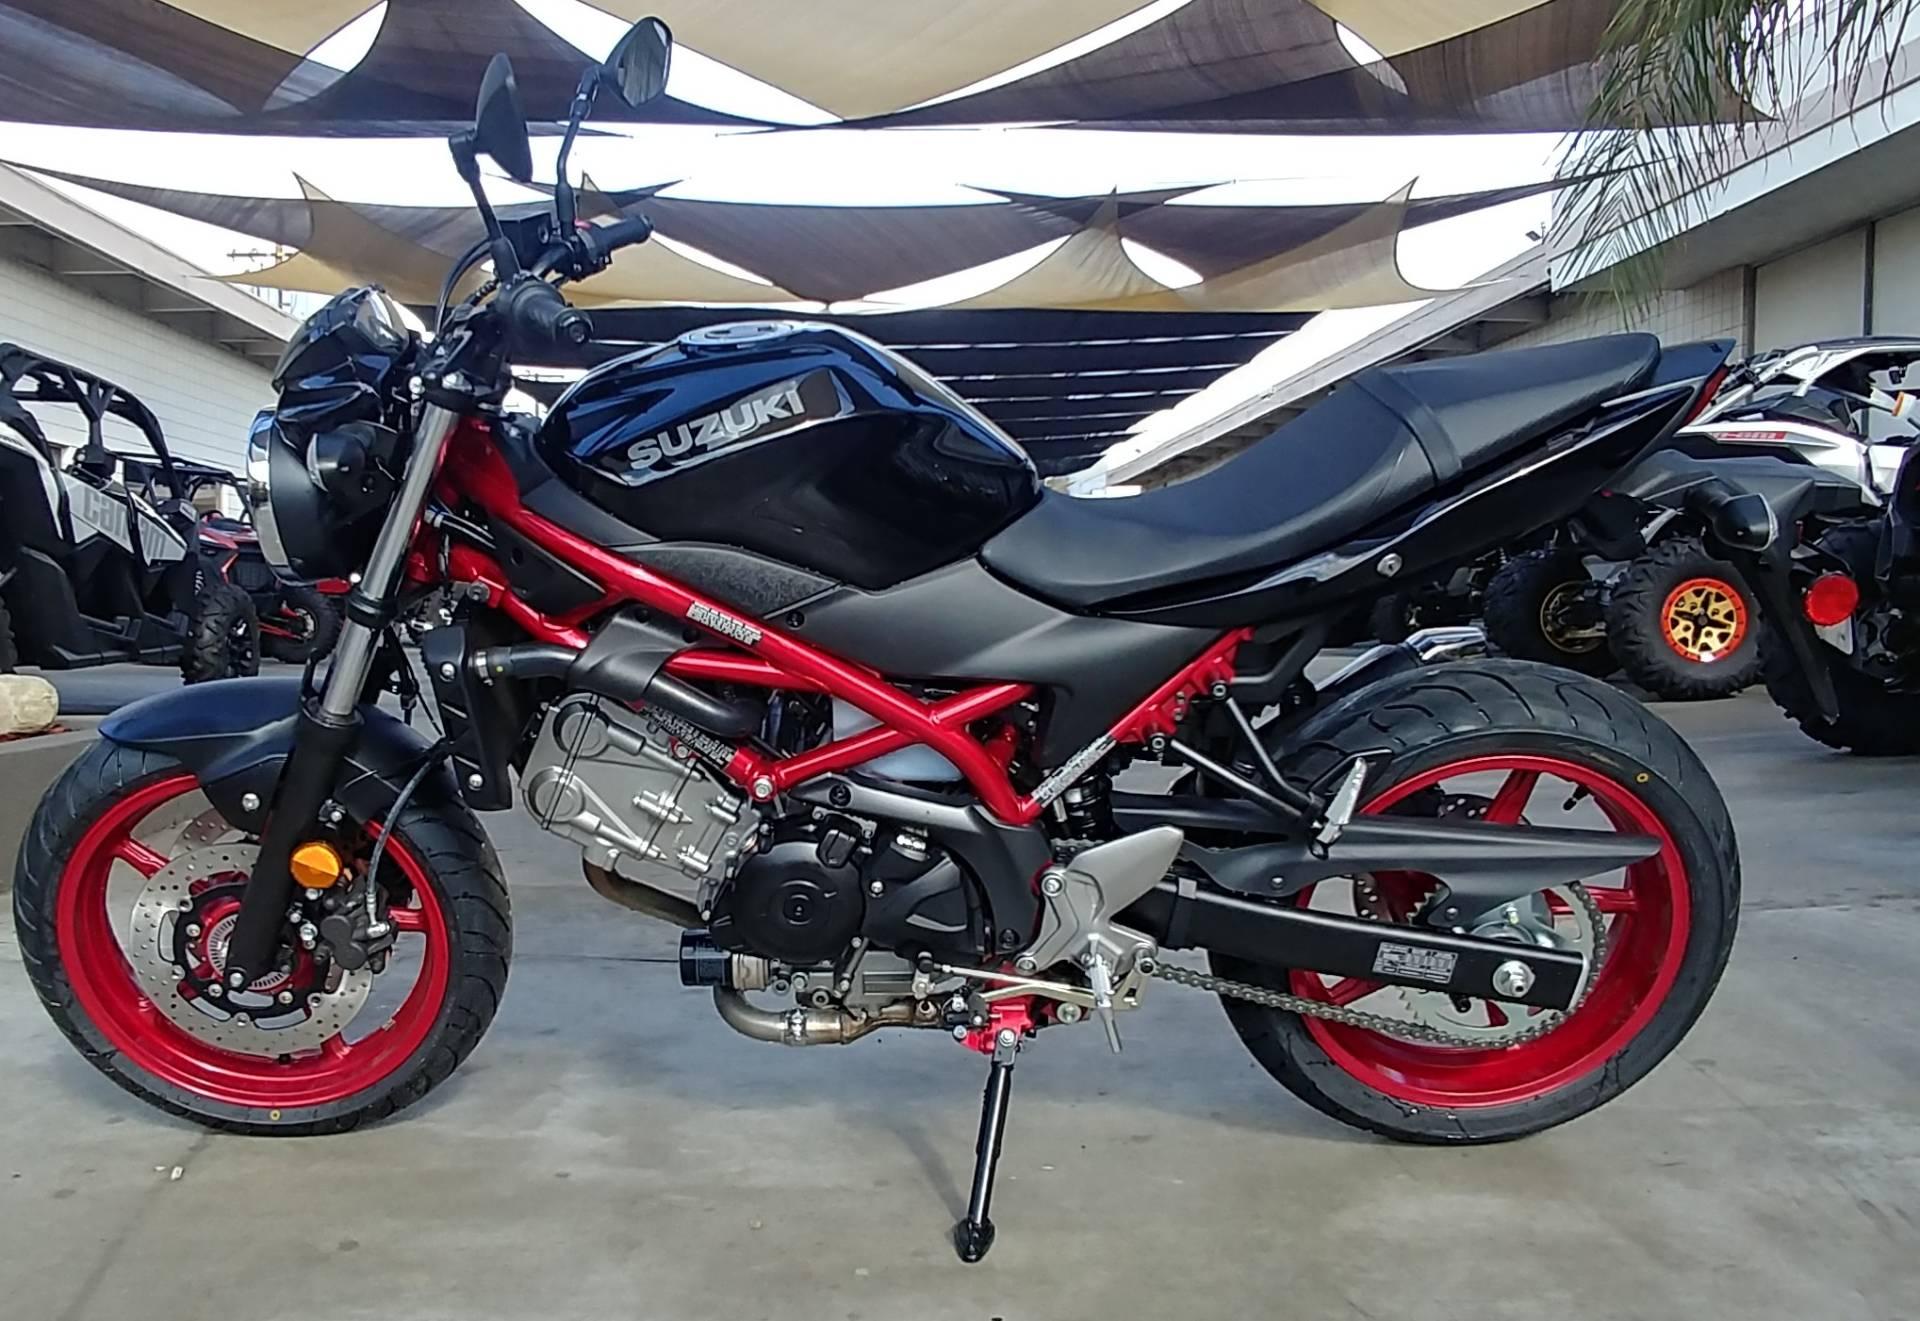 2018 Suzuki SV650 1